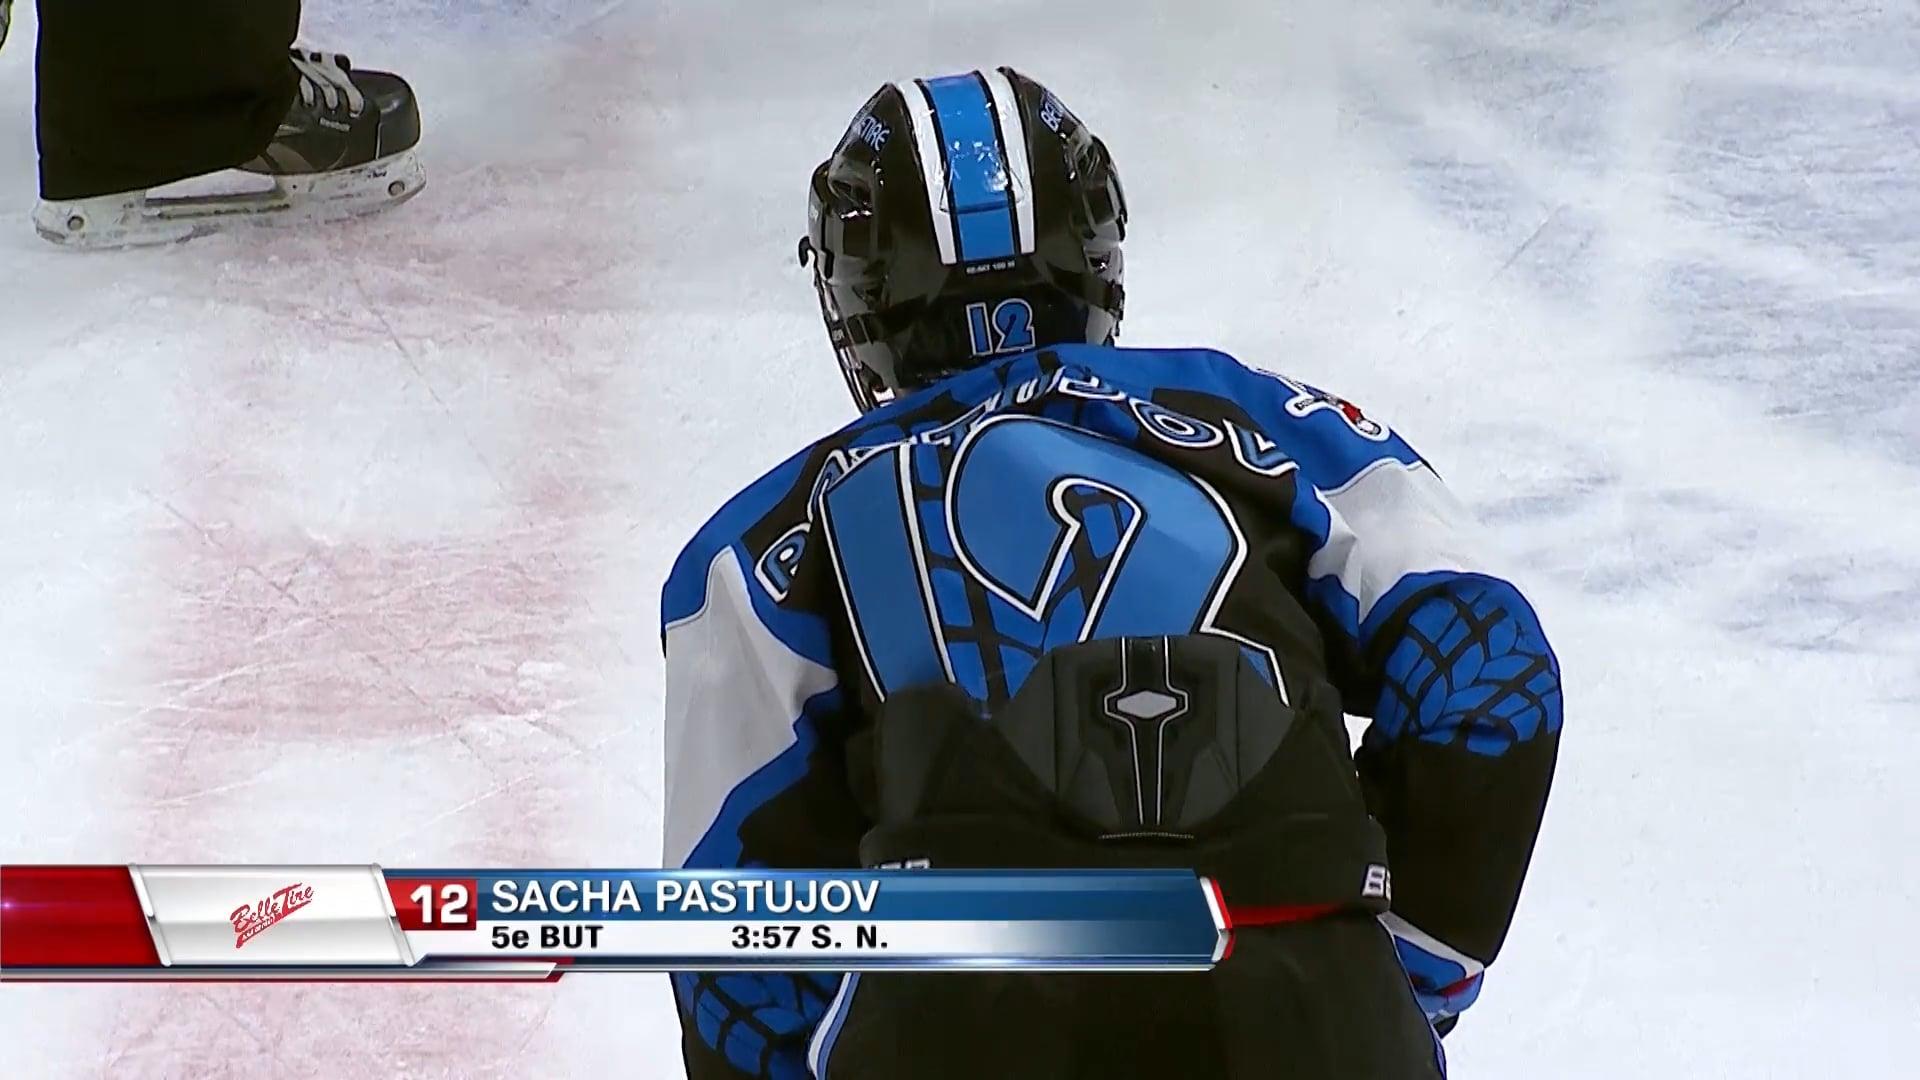 Sasha Patsujov